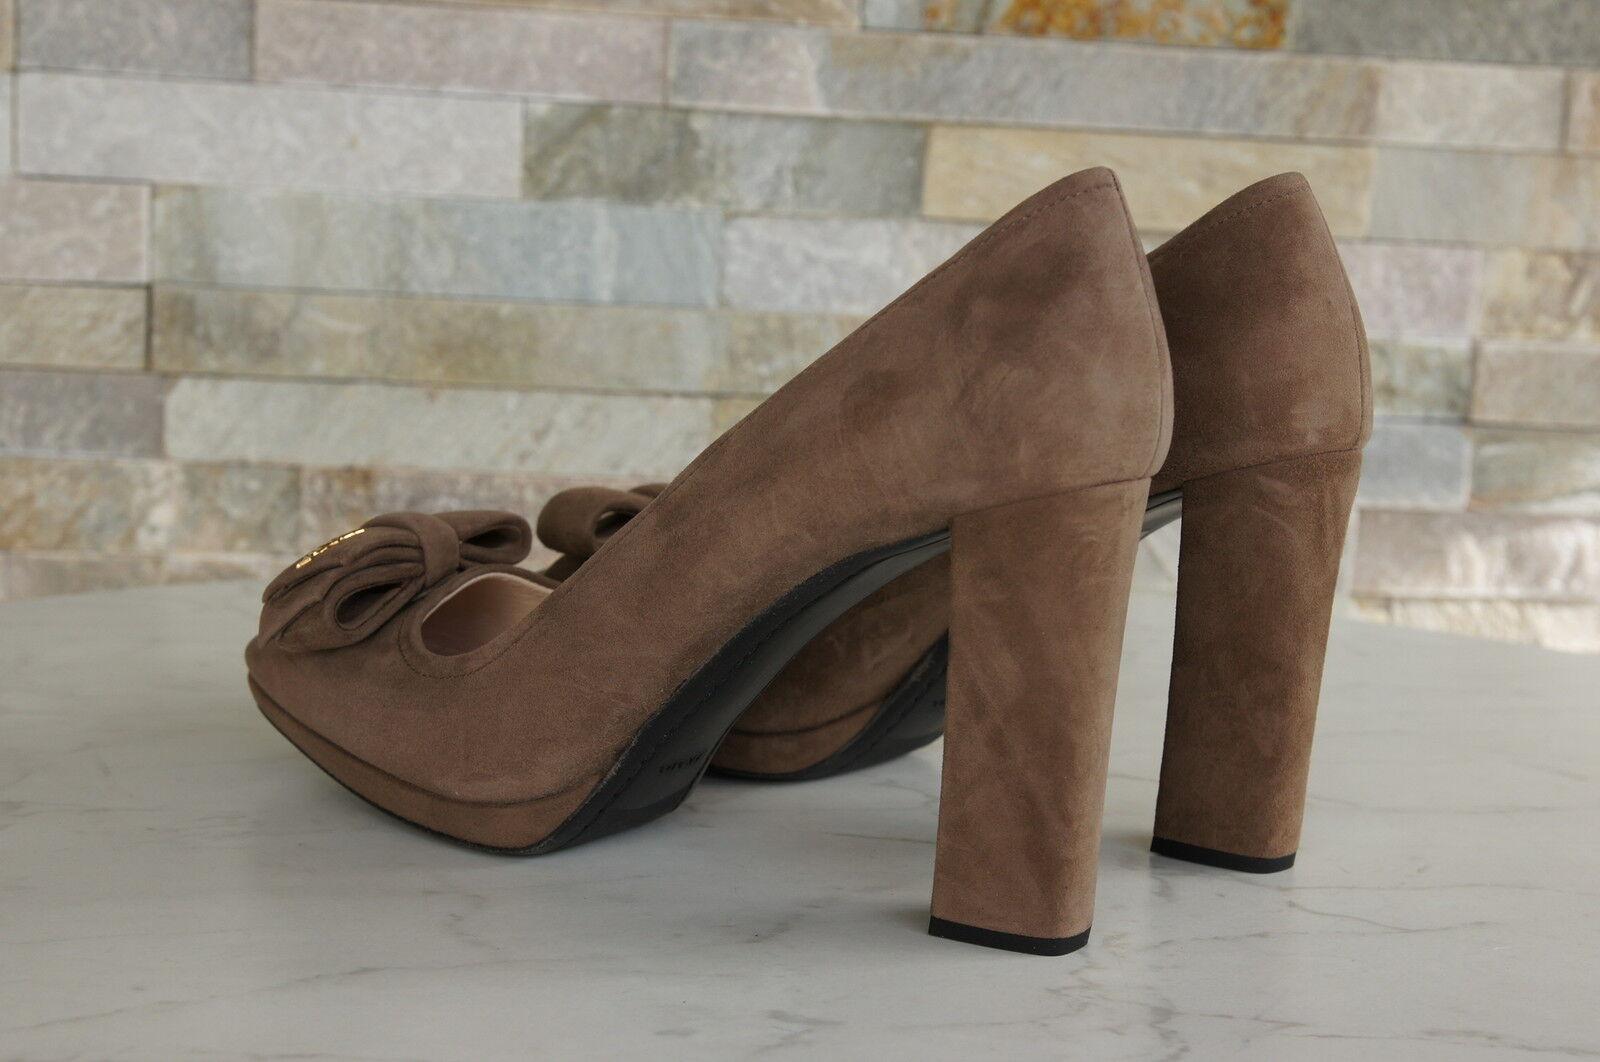 Lujo prada talla 38,5 de bajo salón zapato bajo de heels zapatos visón Mink nuevo ex. PVP 3cd540